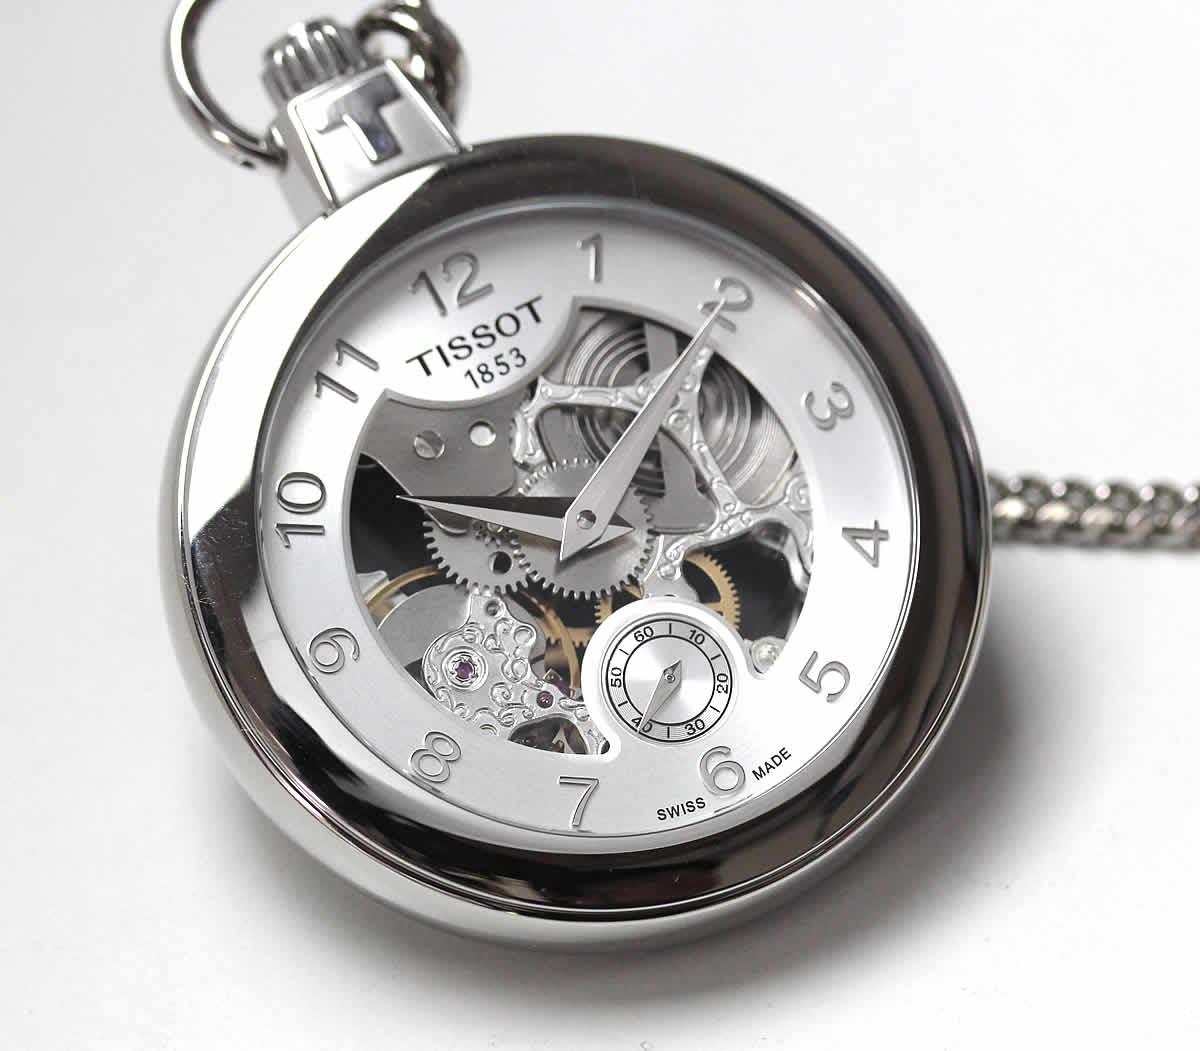 ティソ 手巻き式 機械式 懐中時計